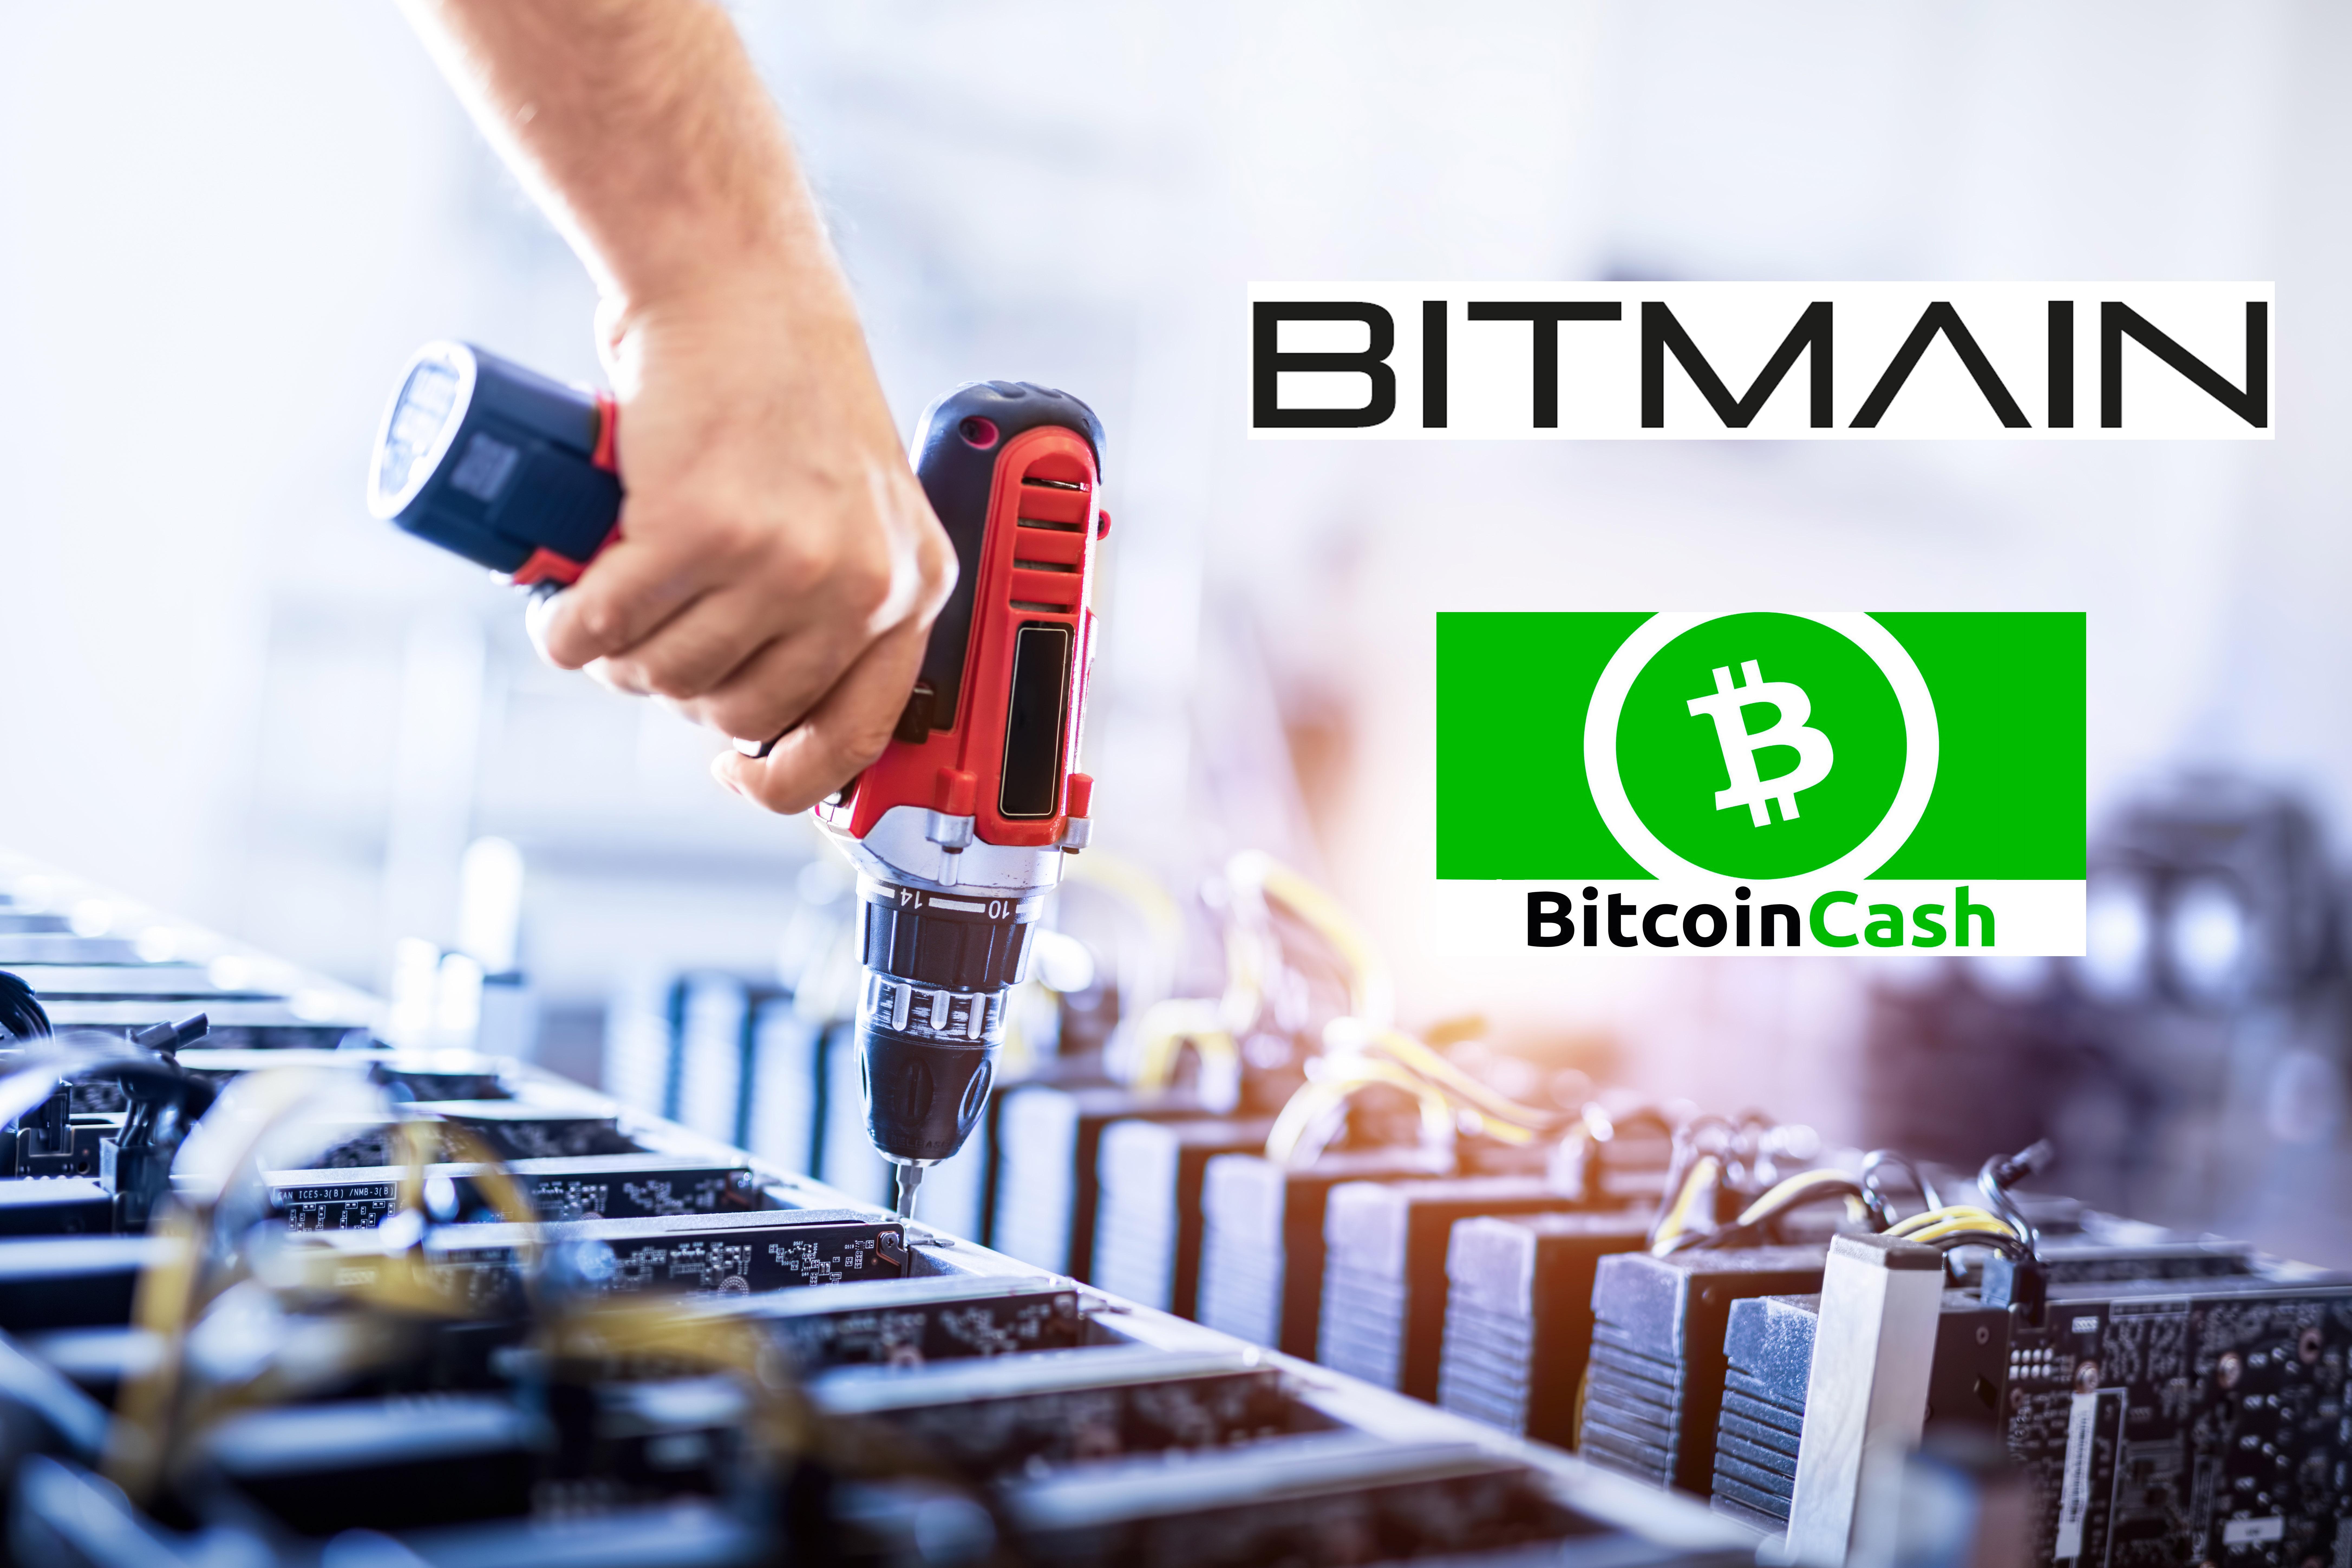 Bitcoin Cash sobe 28% nas últimas 24 horas impulsionado pelo IPO da gigante Bitmain